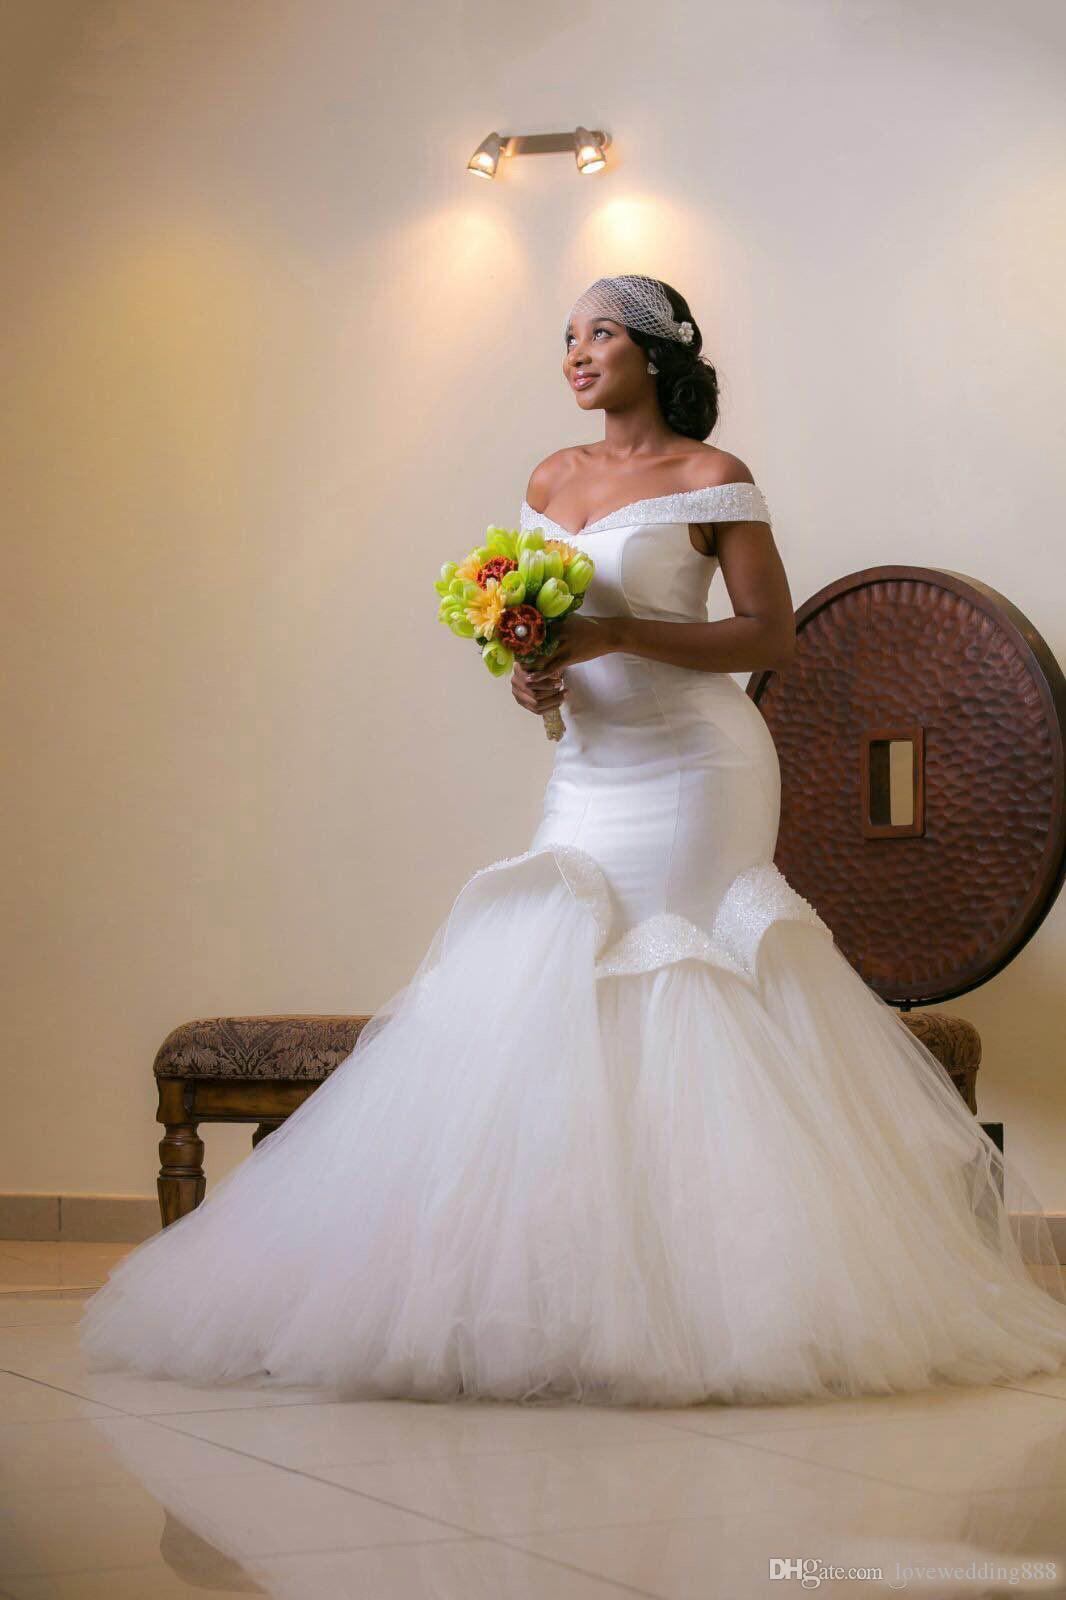 2019 robes de mariée sirène élégantes hors épaule à volants chemise en tulle perles de satin robes de mariée africaines, plus la taille des lacets